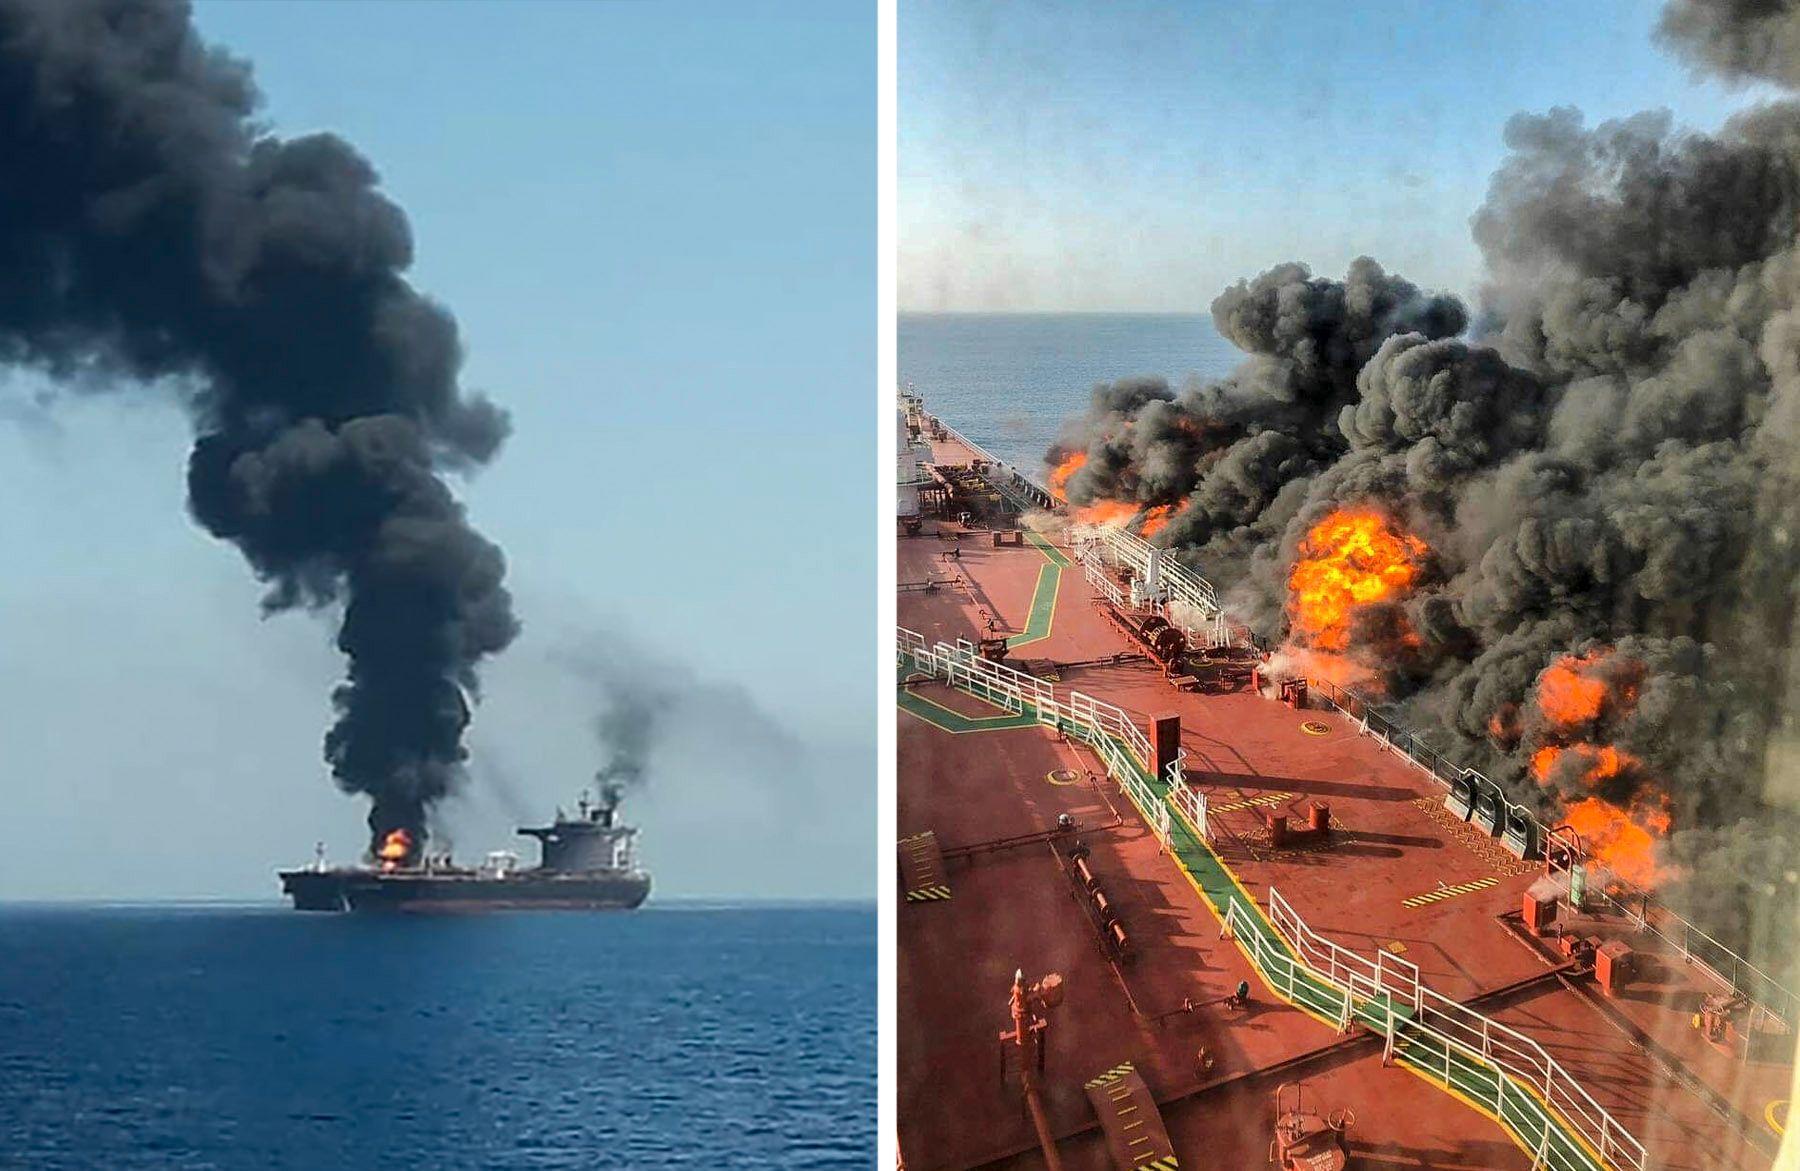 ANGREPET: Etter en eksplosjon brøt det ut brann om bord på tankskipet Front Altair i Omanbukta.